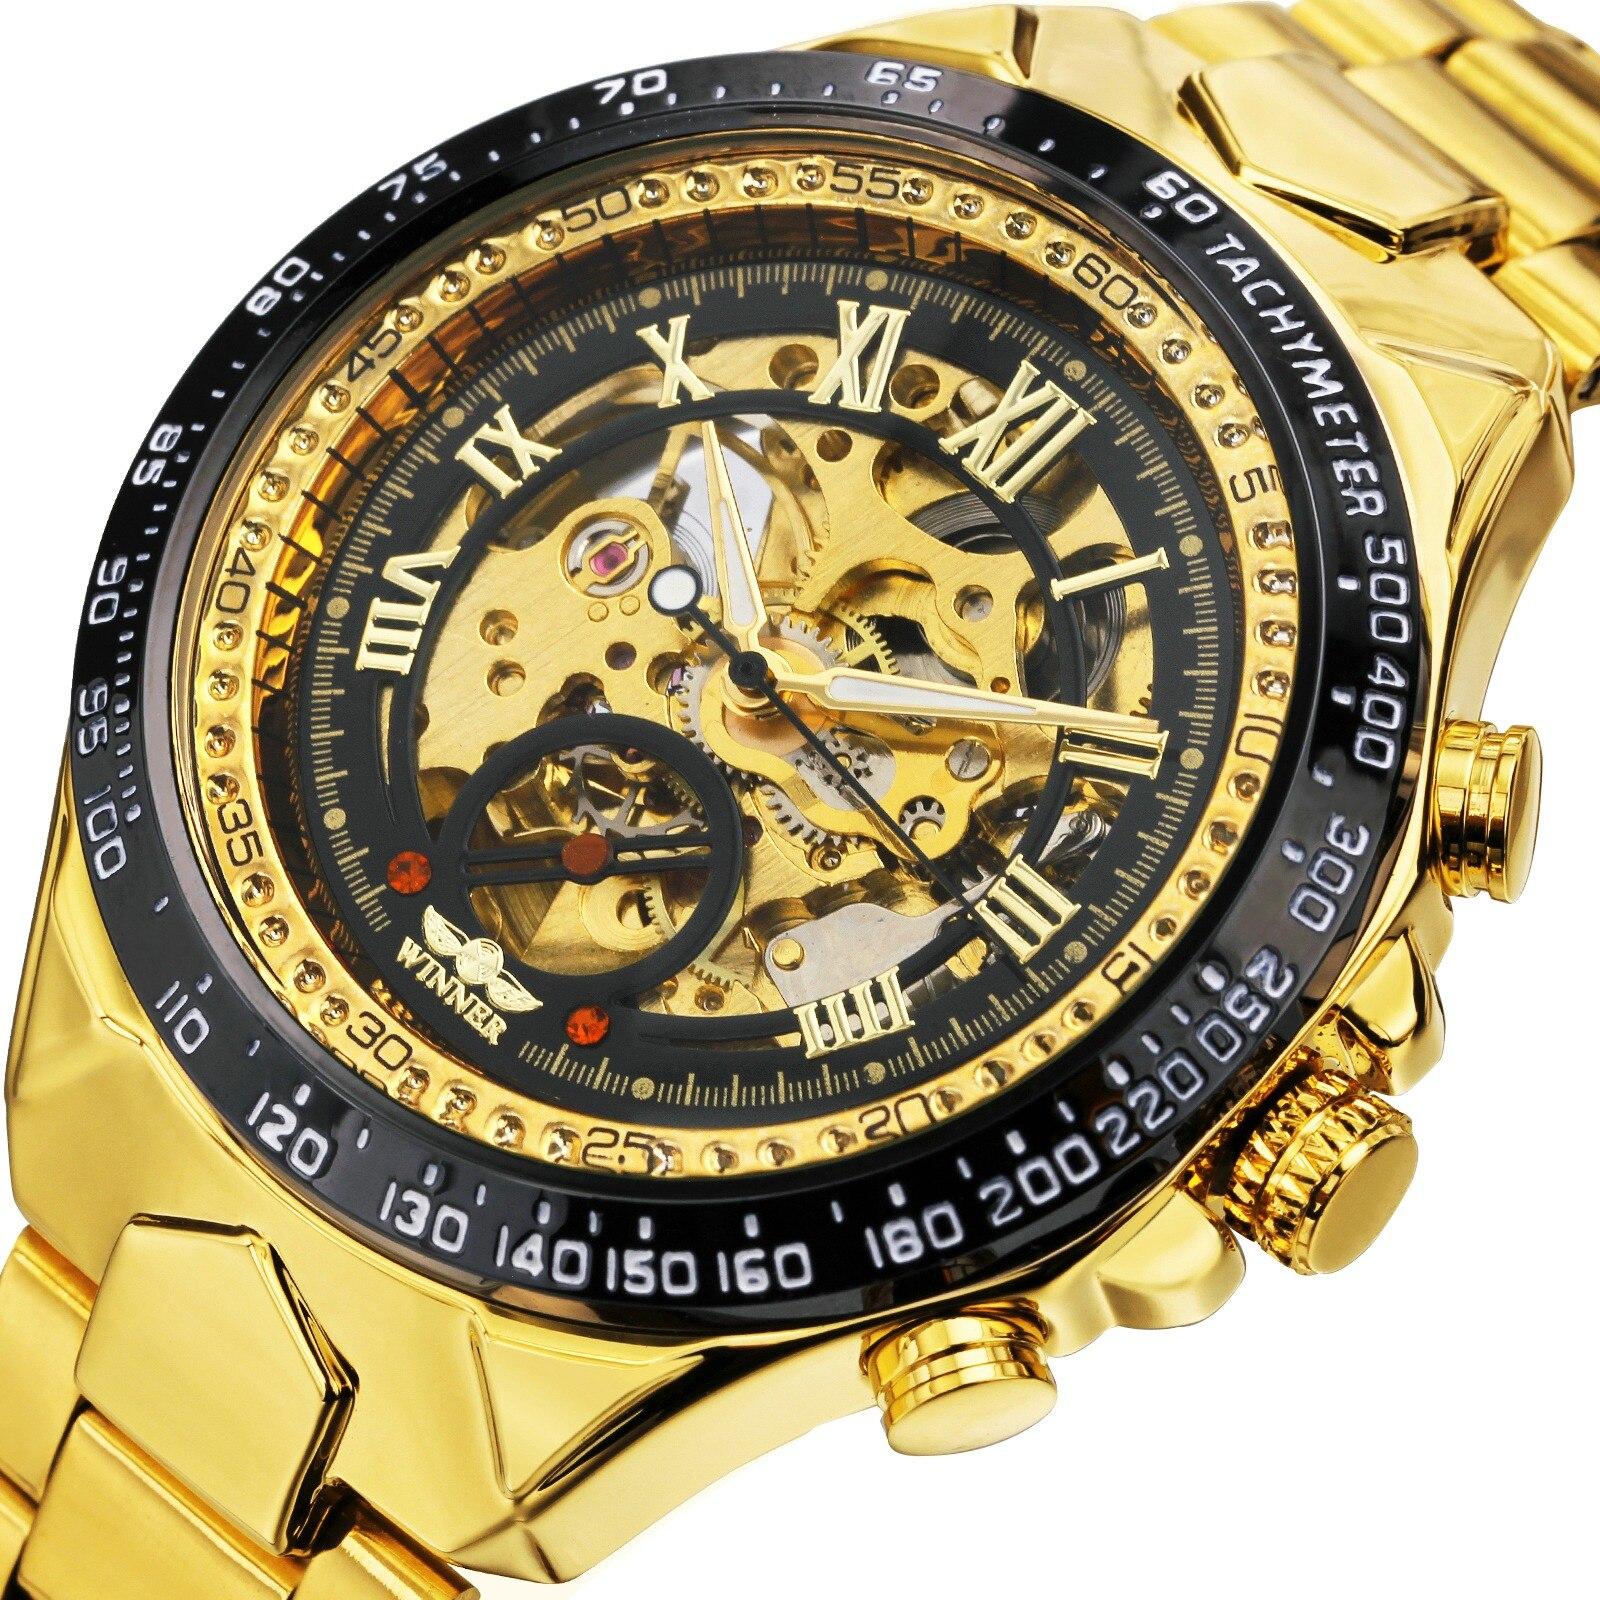 0c8fe8b6d7e93 2018 الفائز الرجال ساعات ذهبية التلقائي الميكانيكية ووتش الذكور الهيكل  العظمي ساعة اليد الفولاذ سوار فولاذي